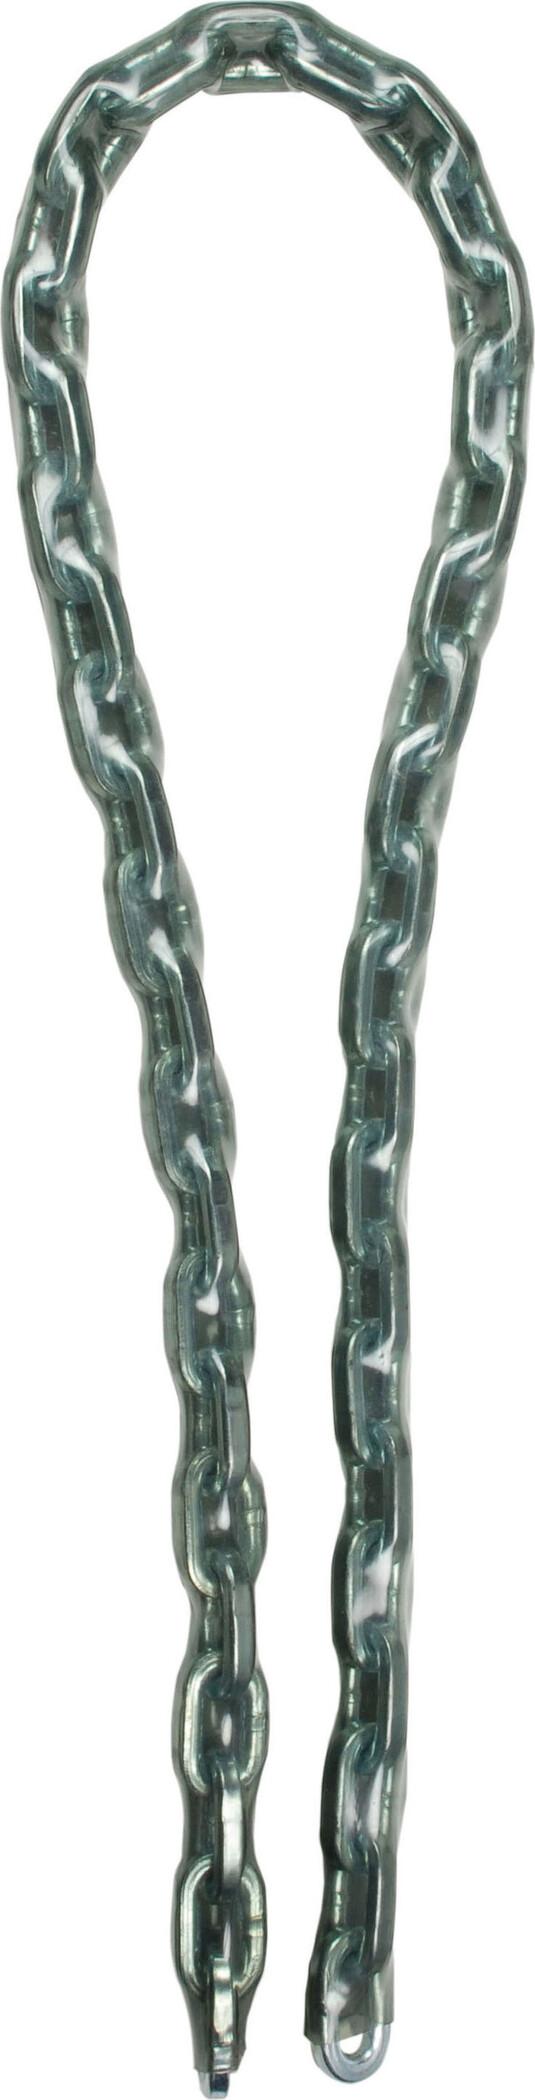 Masterlock Steel chain 8 mm x 1000 mm (2019)   Kæder